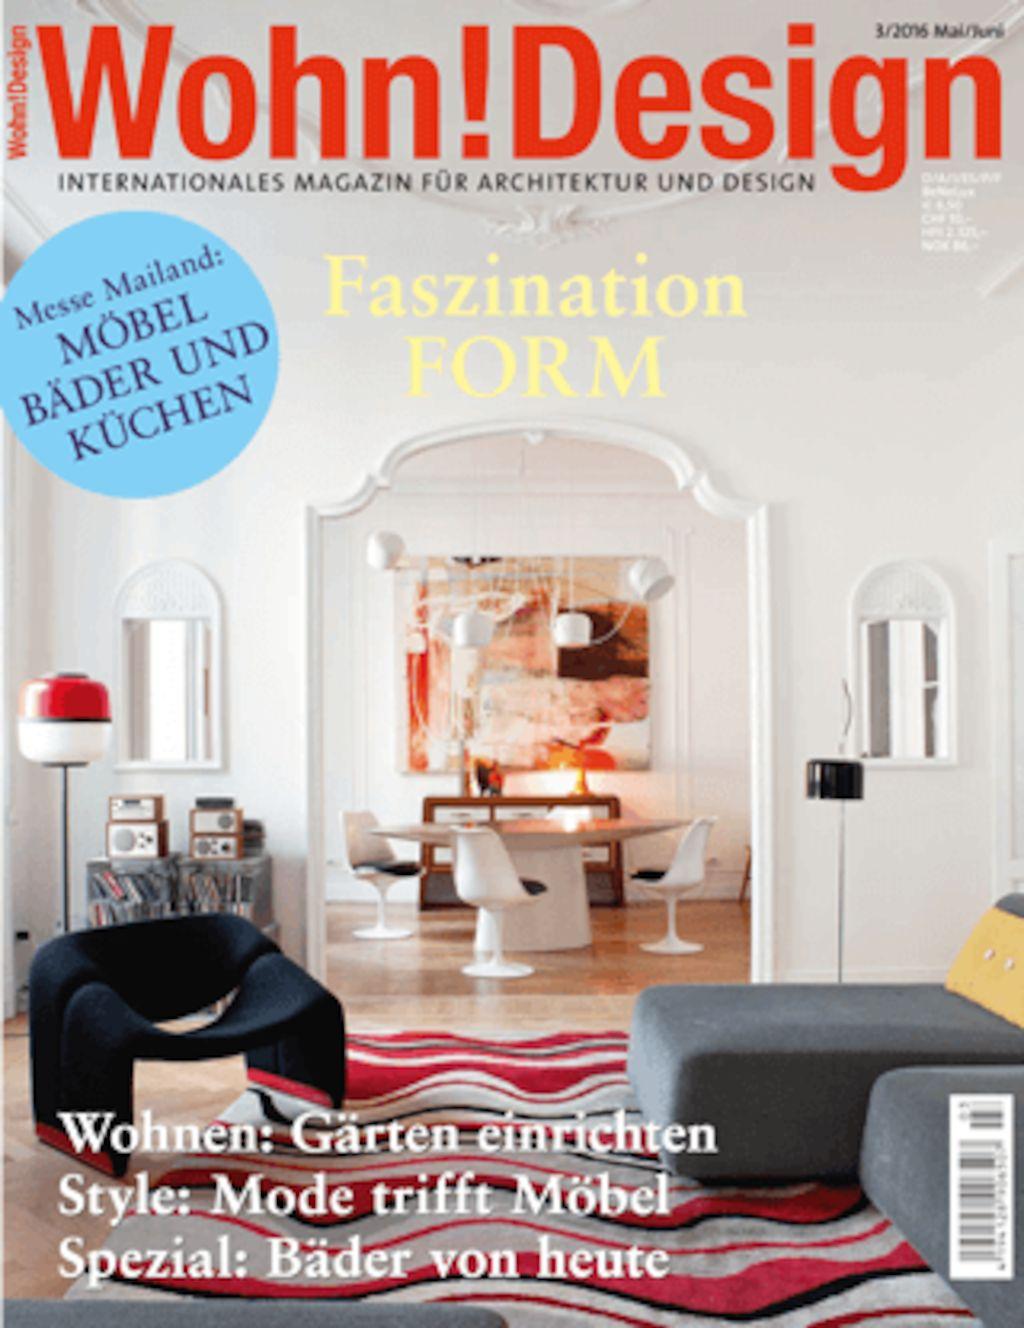 Hagebaumarkt gartenhaus nyland my blog for Wohndesign 2